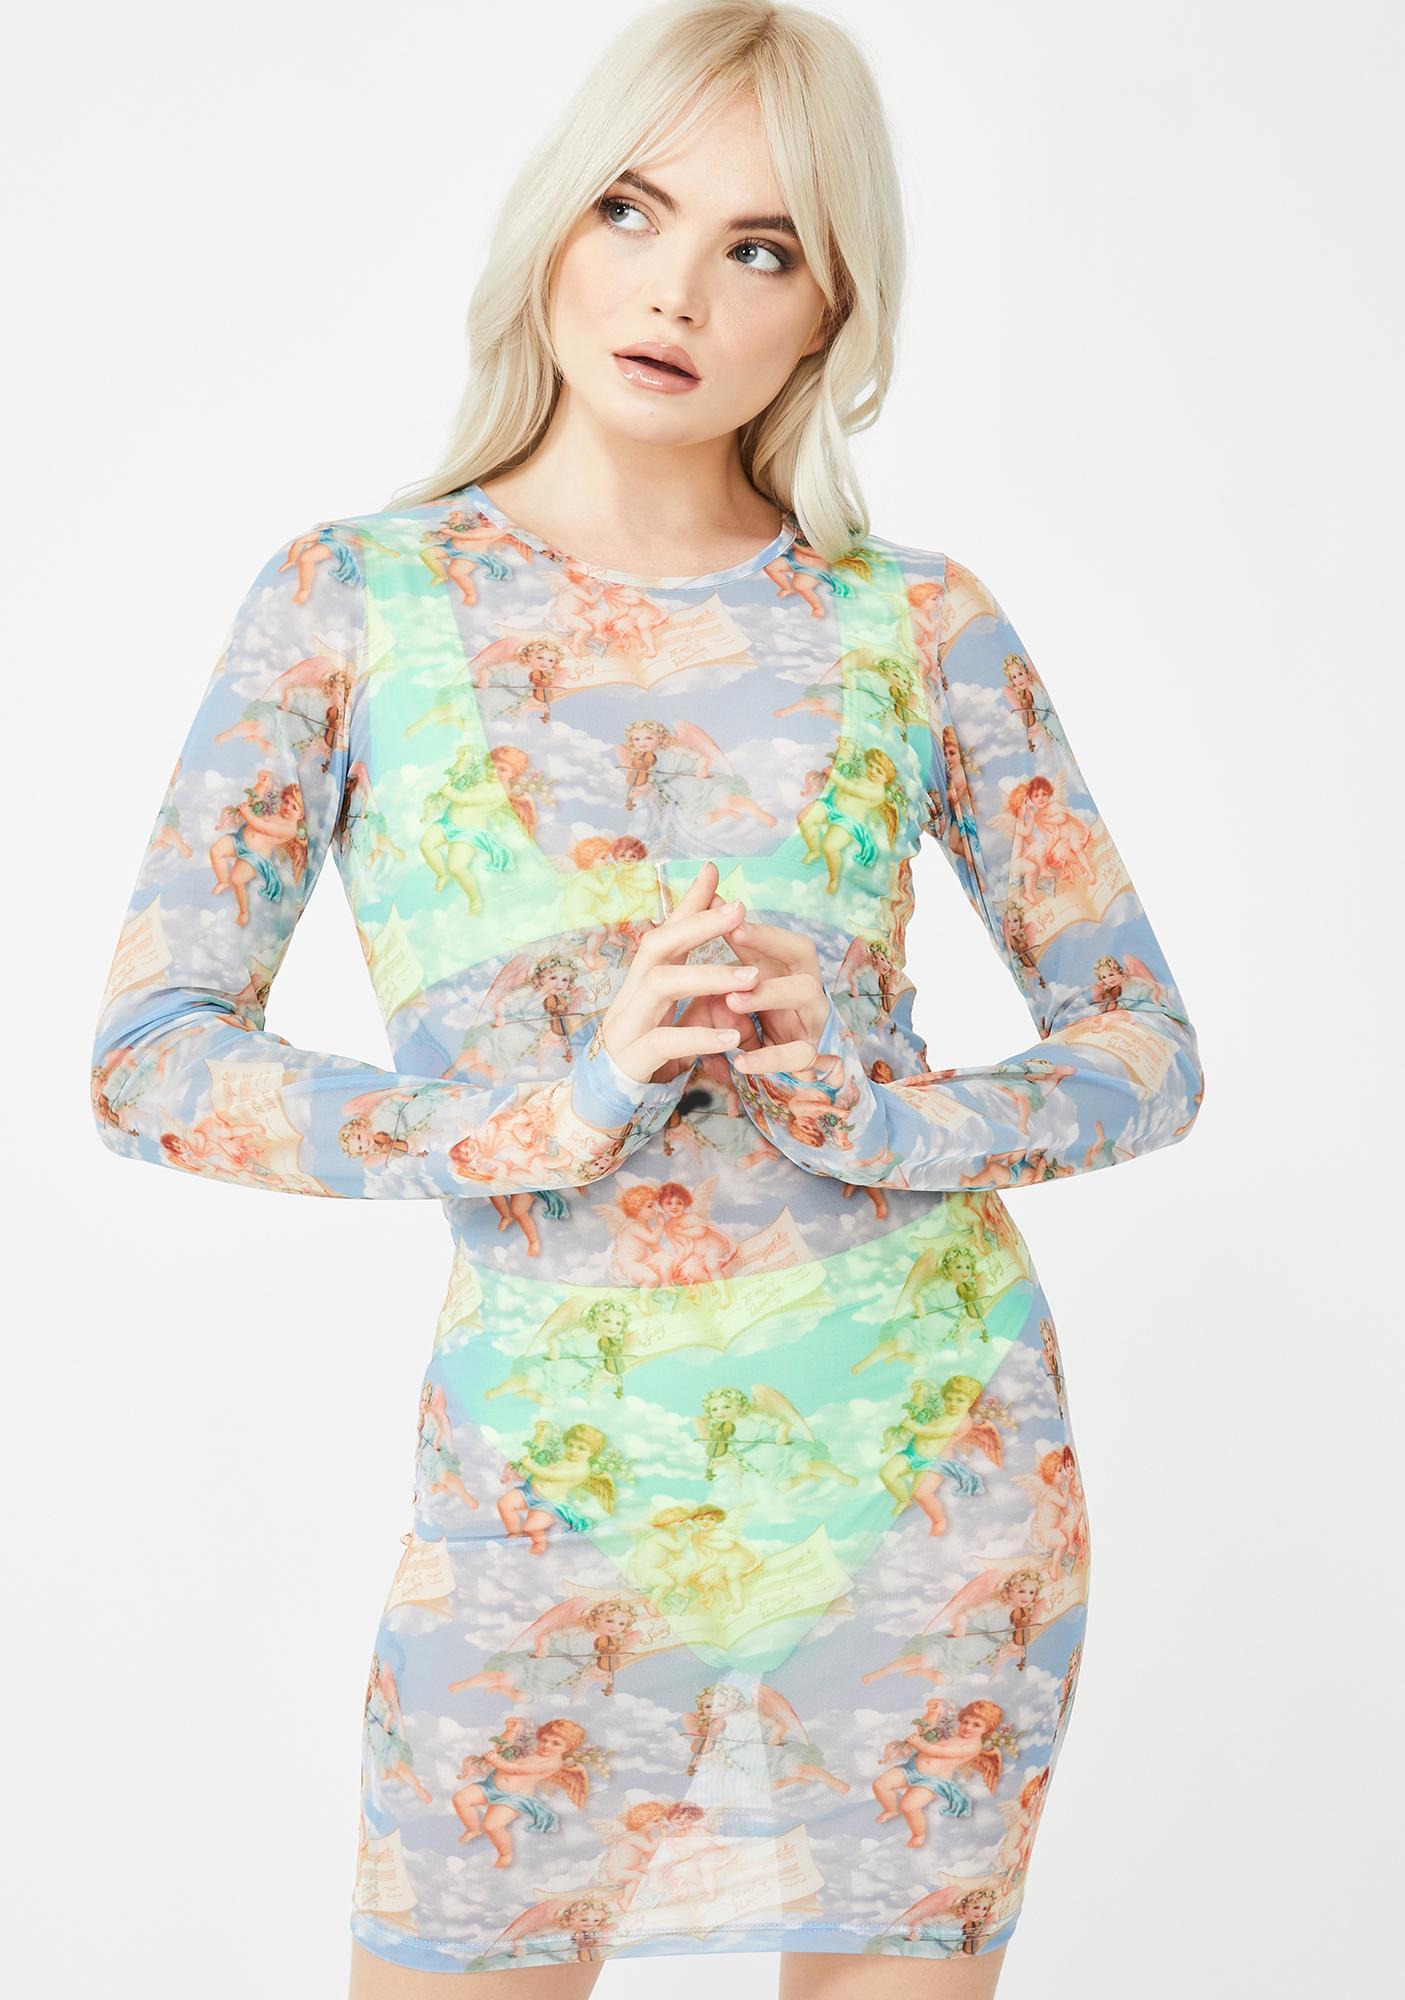 Kiki Riki Godly Glitz Mini Dress